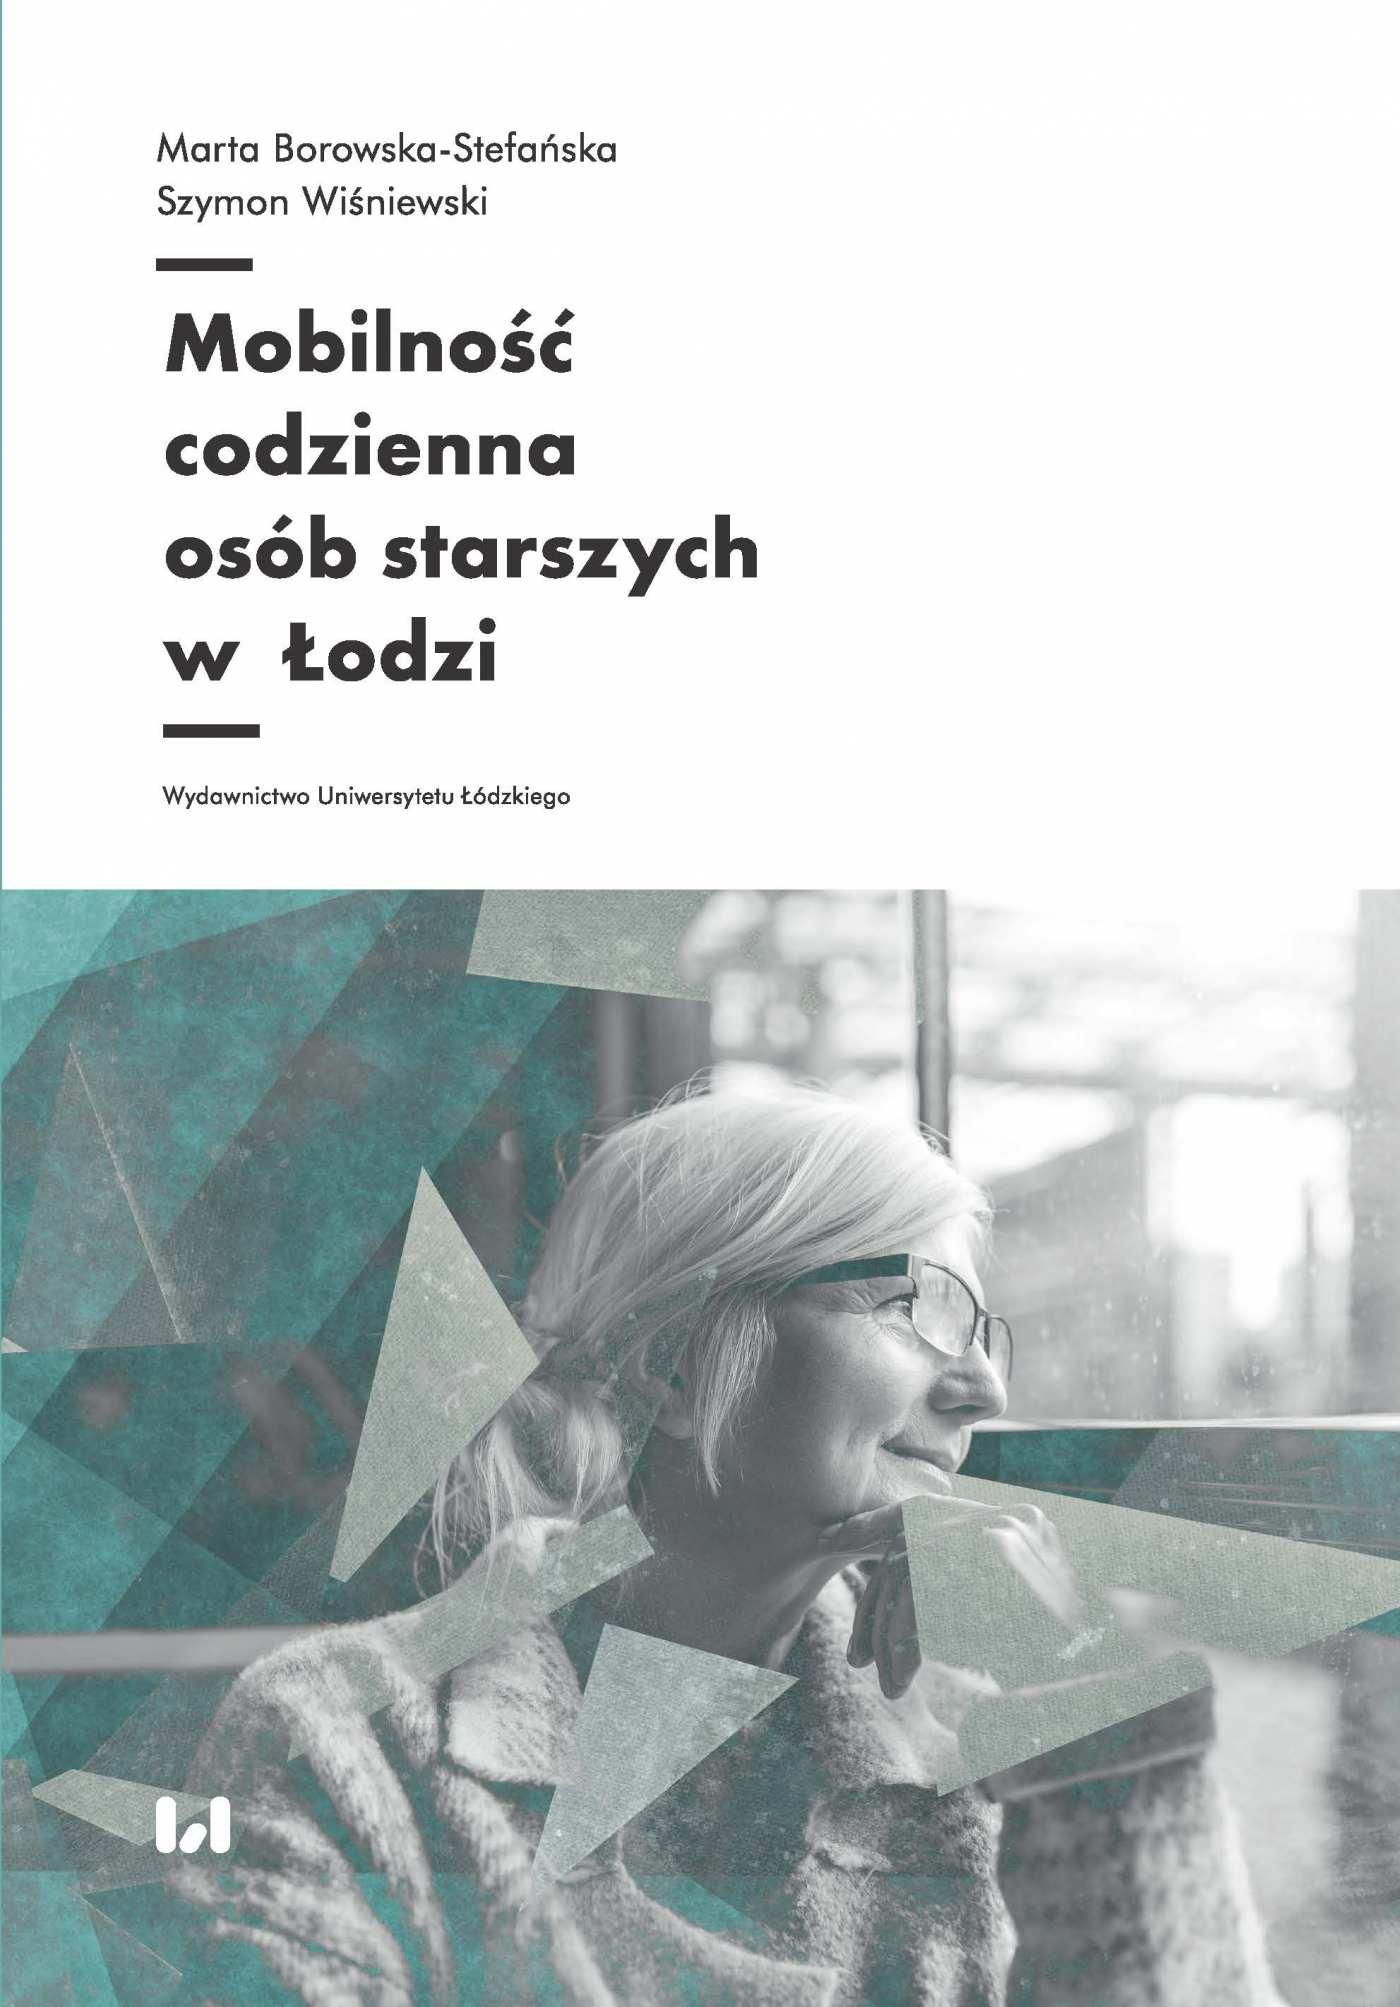 Mobilność codzienna osób starszych w Łodzi - Ebook (Książka PDF) do pobrania w formacie PDF